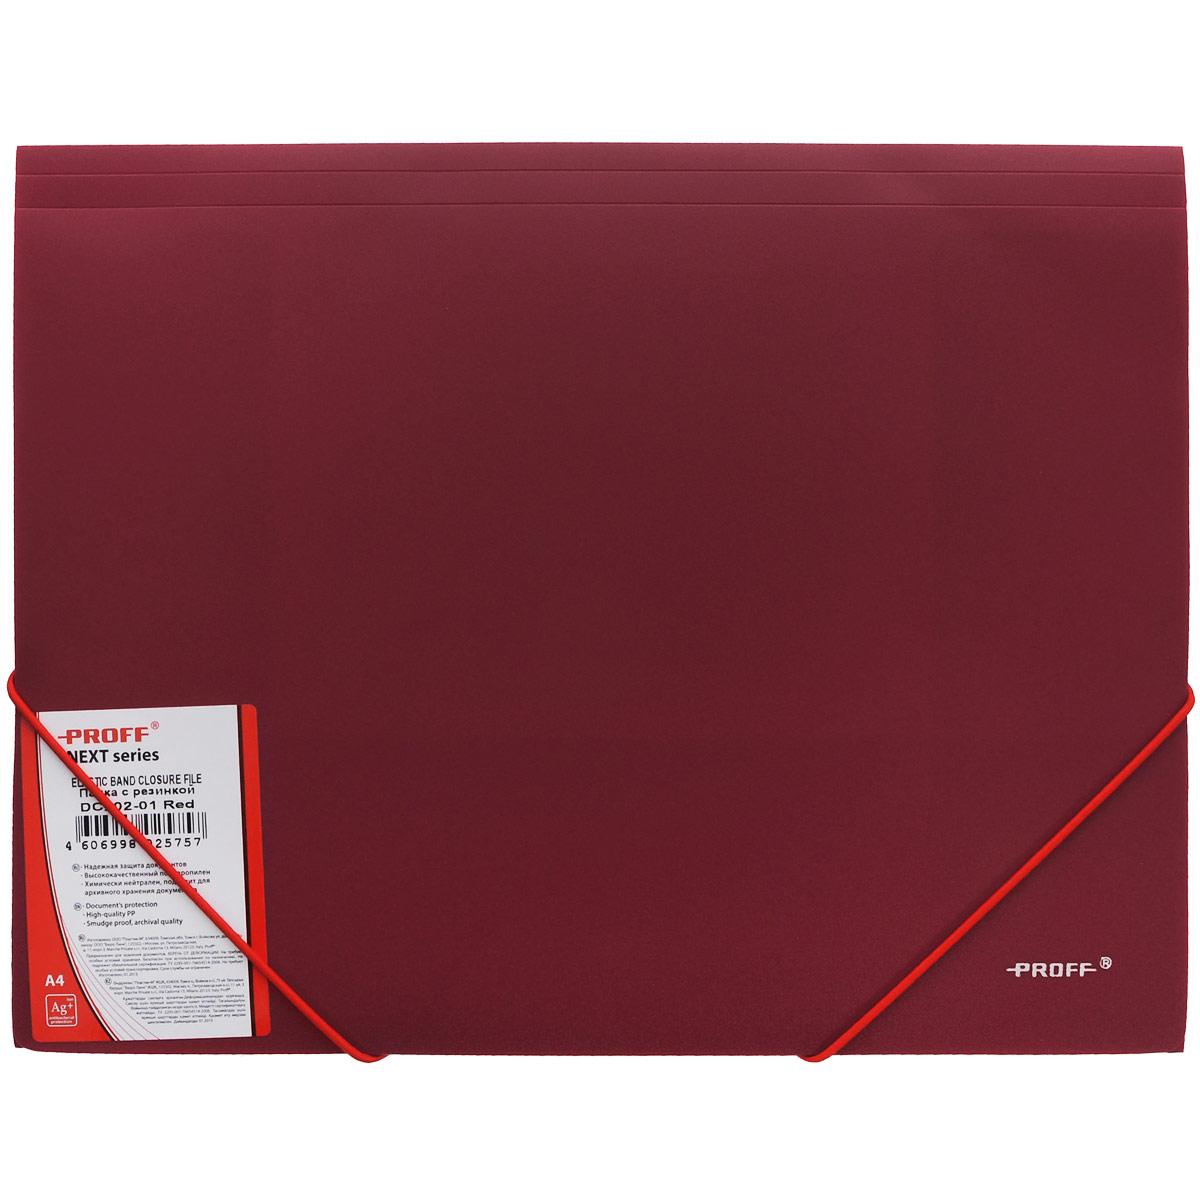 Proff Папка на резинке Next цвет темно-красныйDC202-01Папка на резинке Proff Next, изготовленная из высококачественного плотного полипропилена, это удобный и практичный офисный инструмент, предназначенный для хранения и транспортировки рабочих бумаг и документов формата А4. Матовая папка, оснащенная тремя клапанами внутри для надежного удержания бумаг, закрывается при помощи угловых резинок. Согнув клапаны по линии биговки, можно легко увеличить объем папки, что позволит вместить большее количество документов. Папка на резинке - это незаменимый атрибут для студента, школьника, офисного работника. Такая папка надежно сохранит ваши документы и сбережет их от повреждений, пыли и влаги.